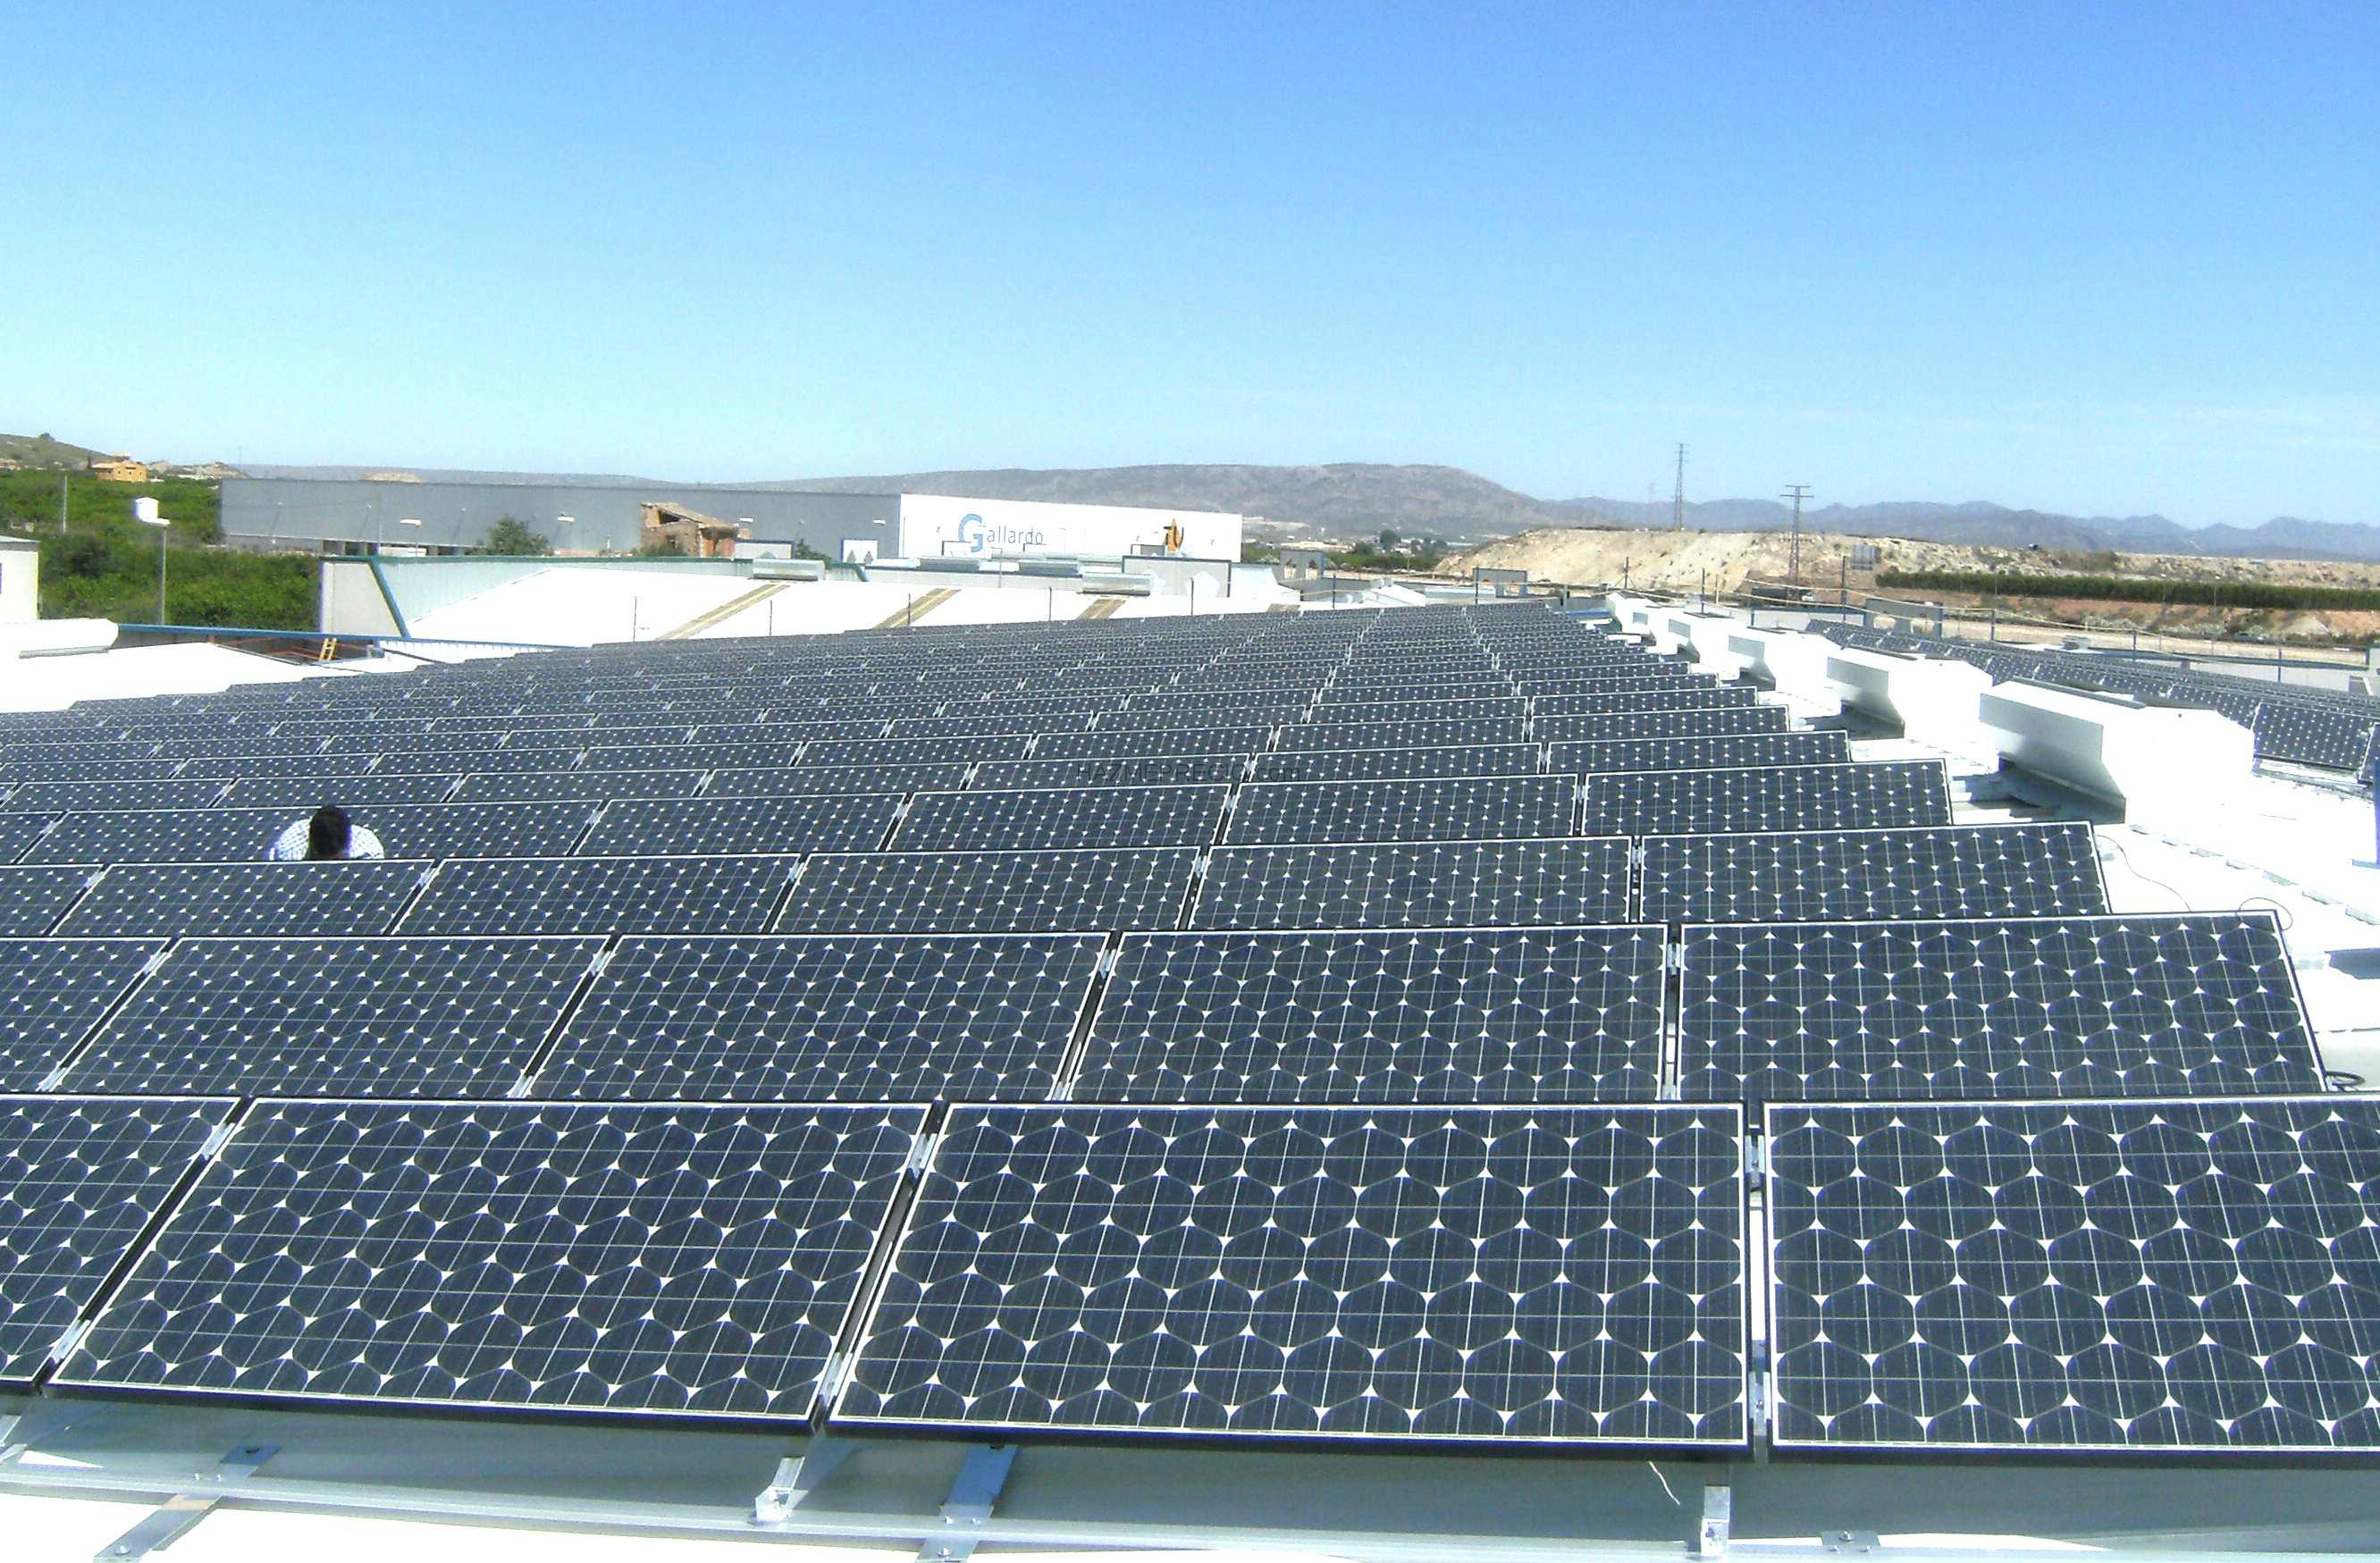 Empresas de mantenimiento de placas solares en murcia - Empresas de construccion en murcia ...